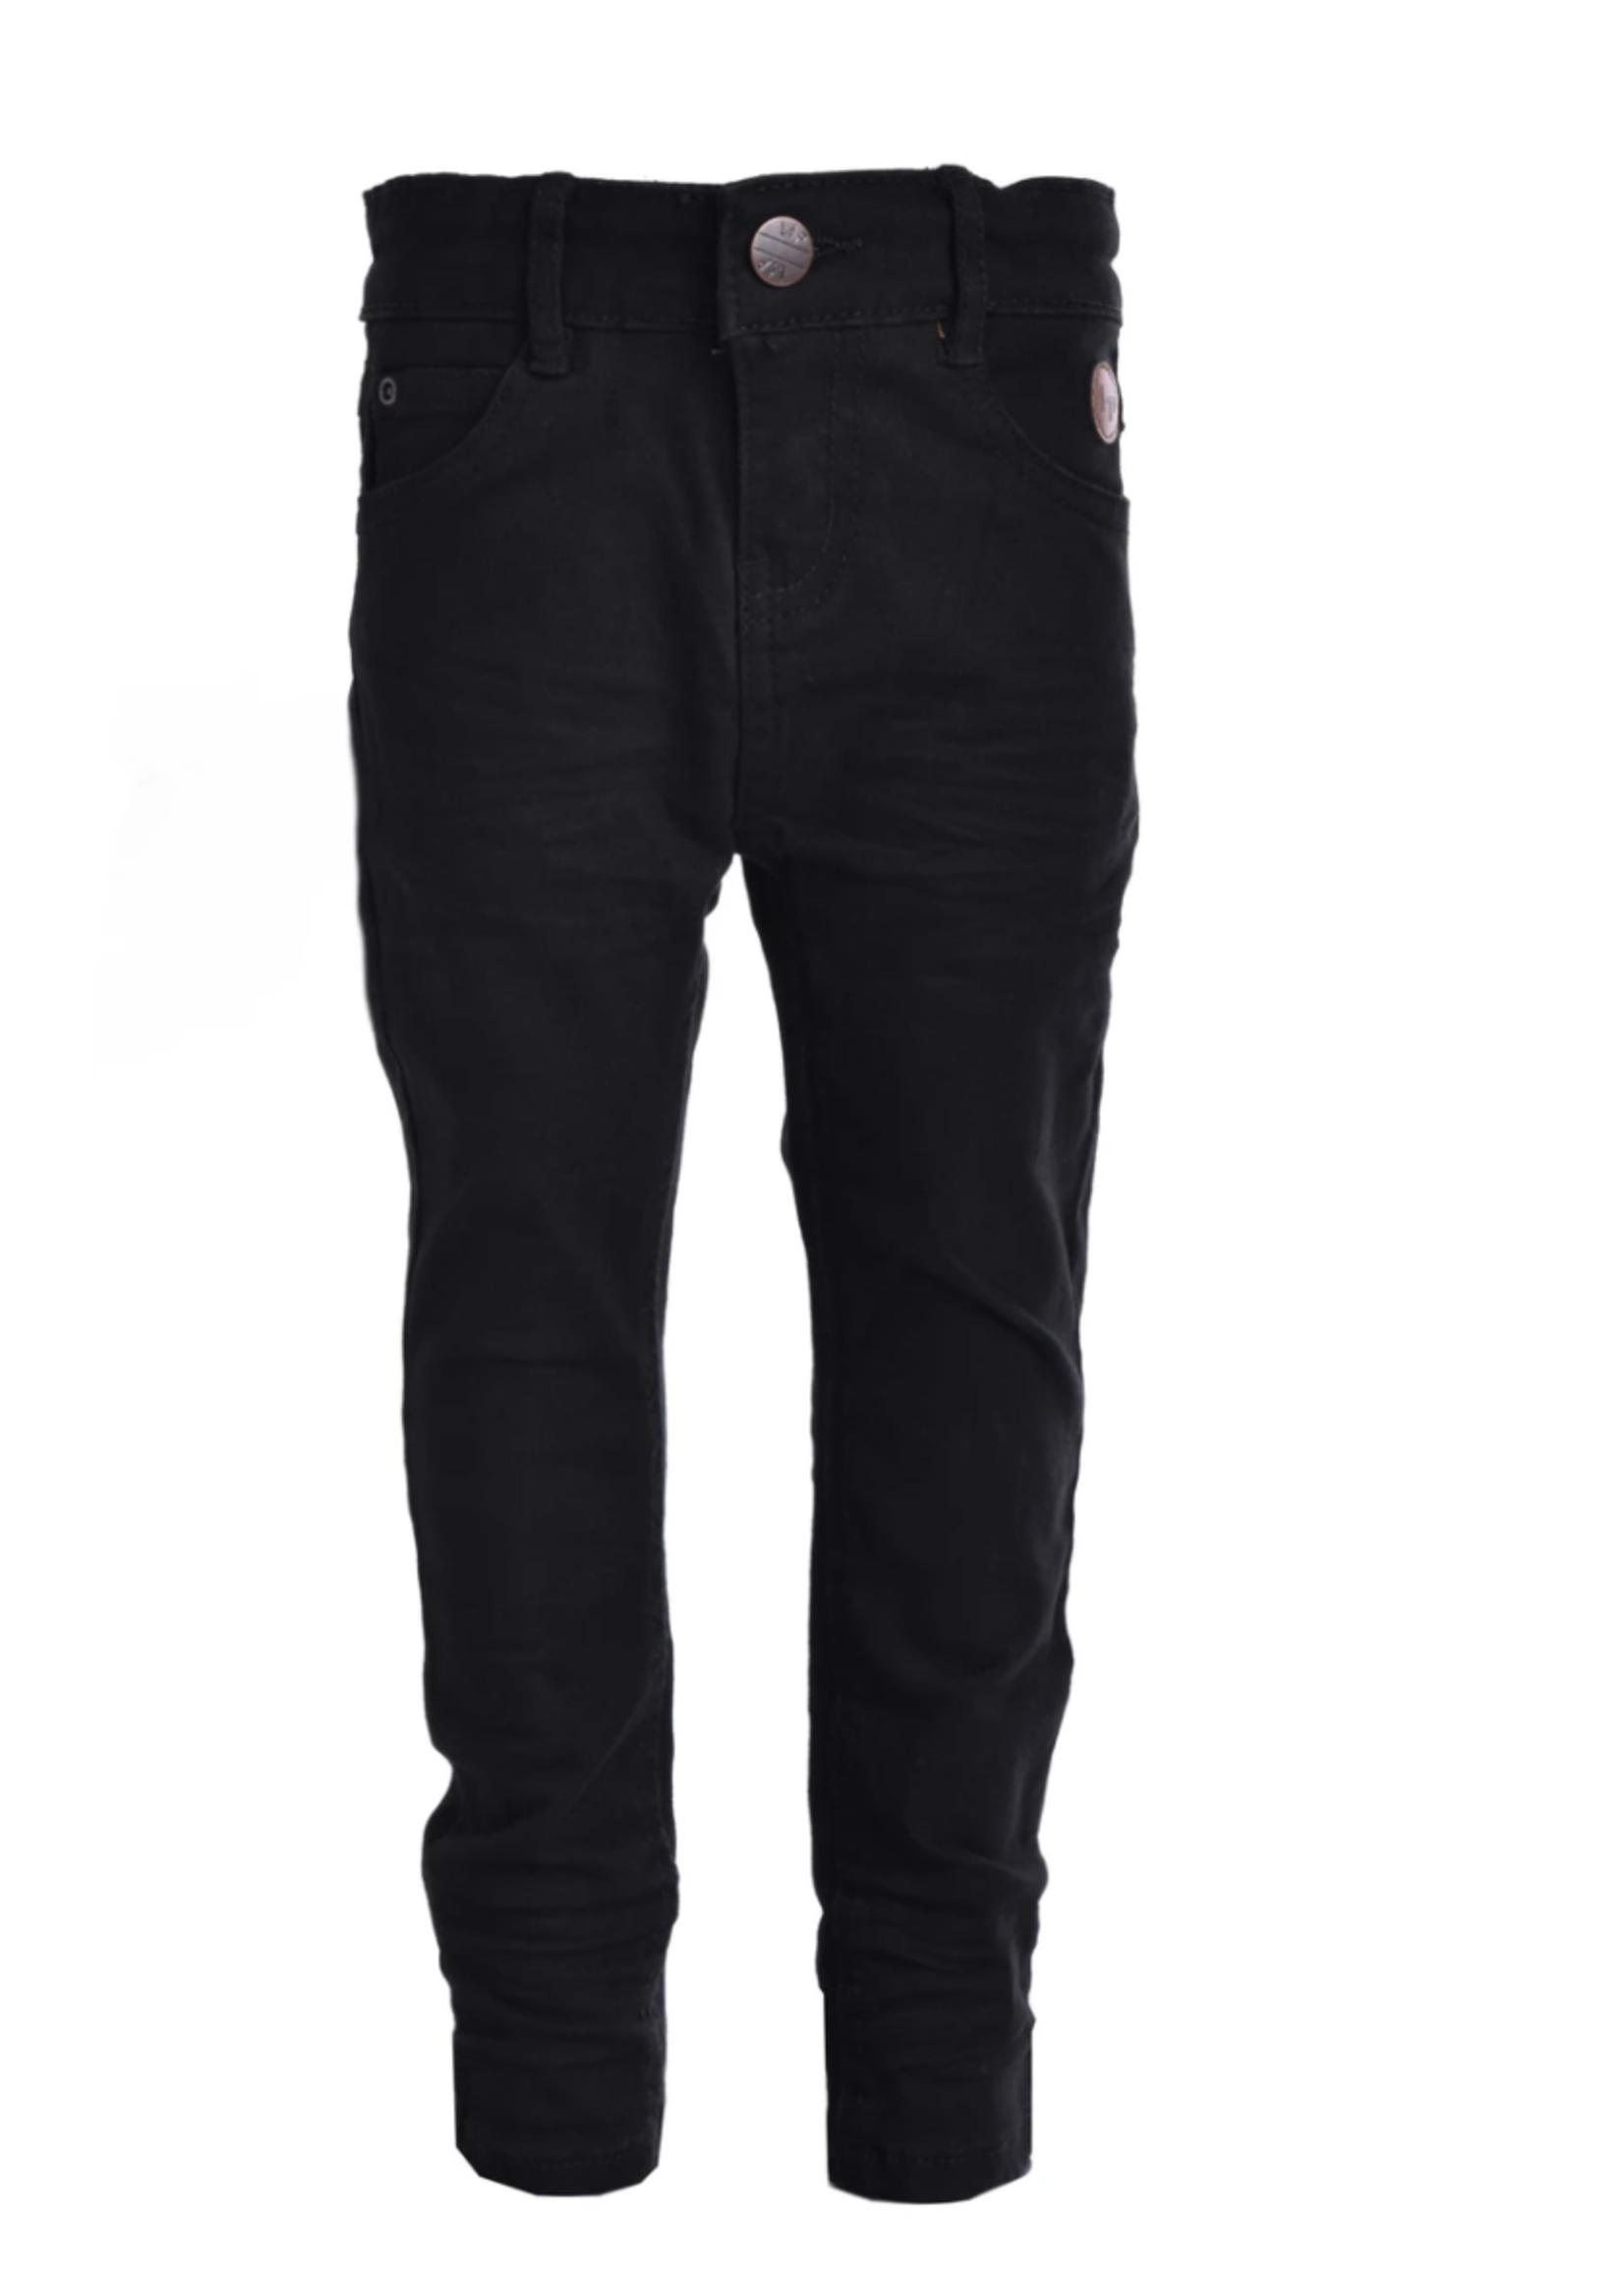 L&P Apparel Toddler Skinny Pants